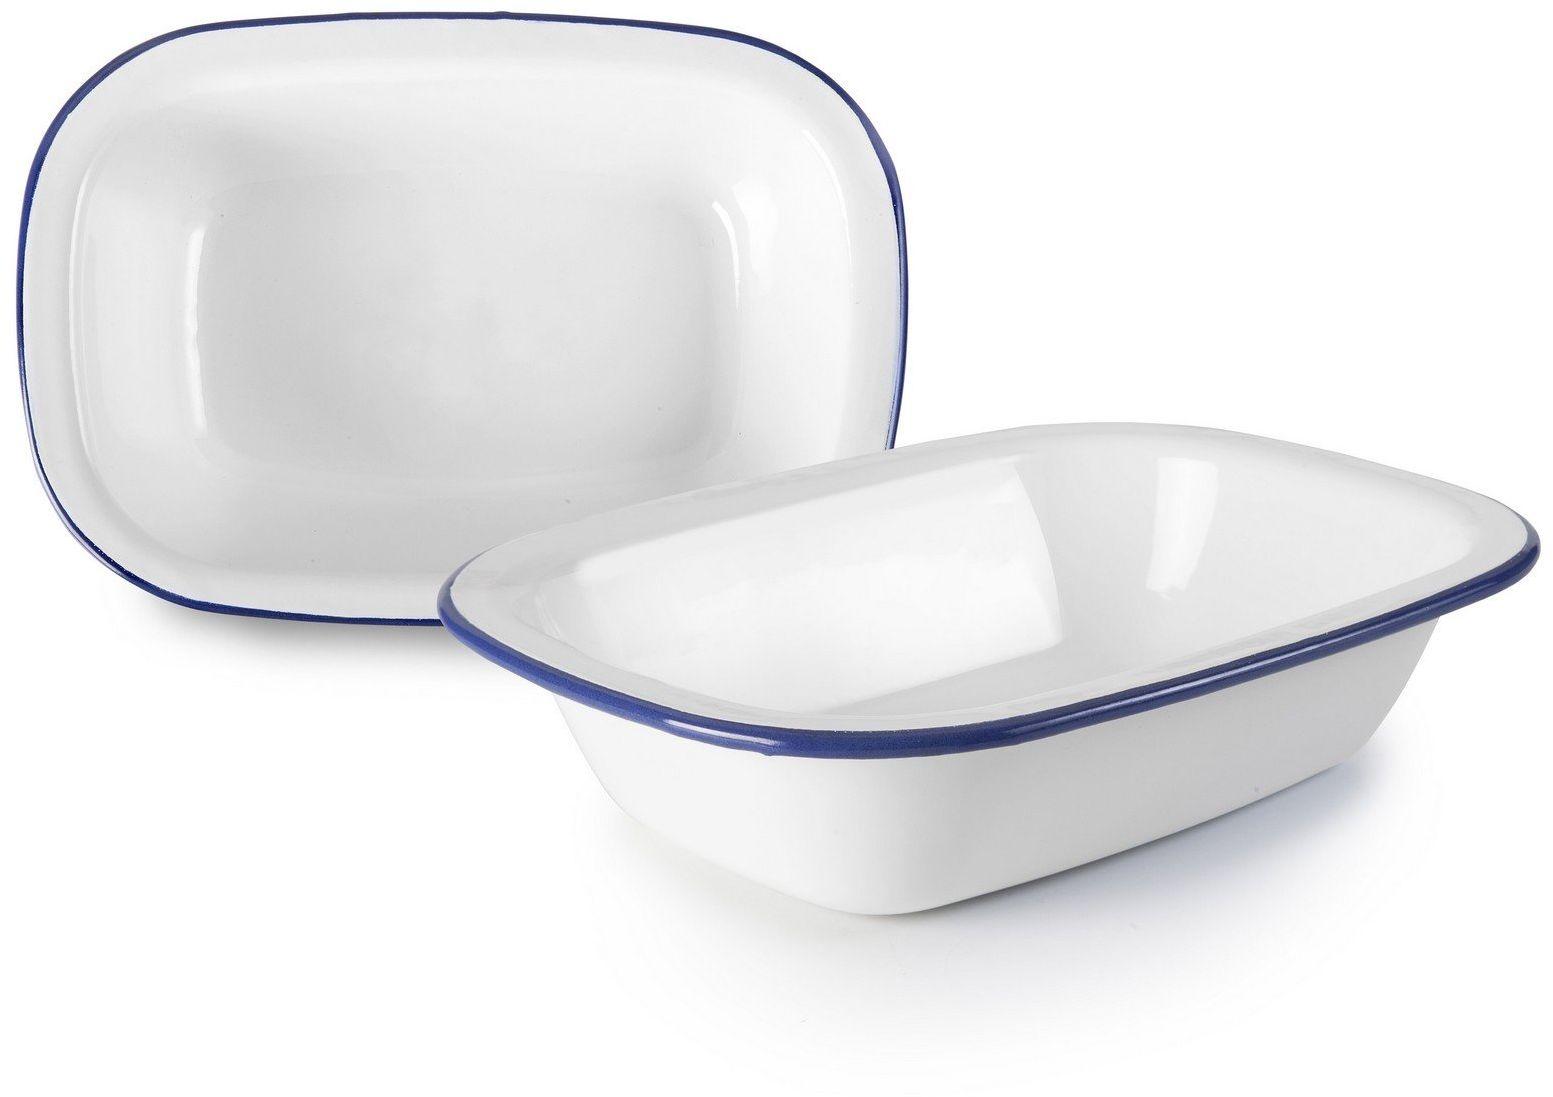 Ibili prostokątny głęboki talerz Blanca 27 cm, porcelana, biały, jeden rozmiar